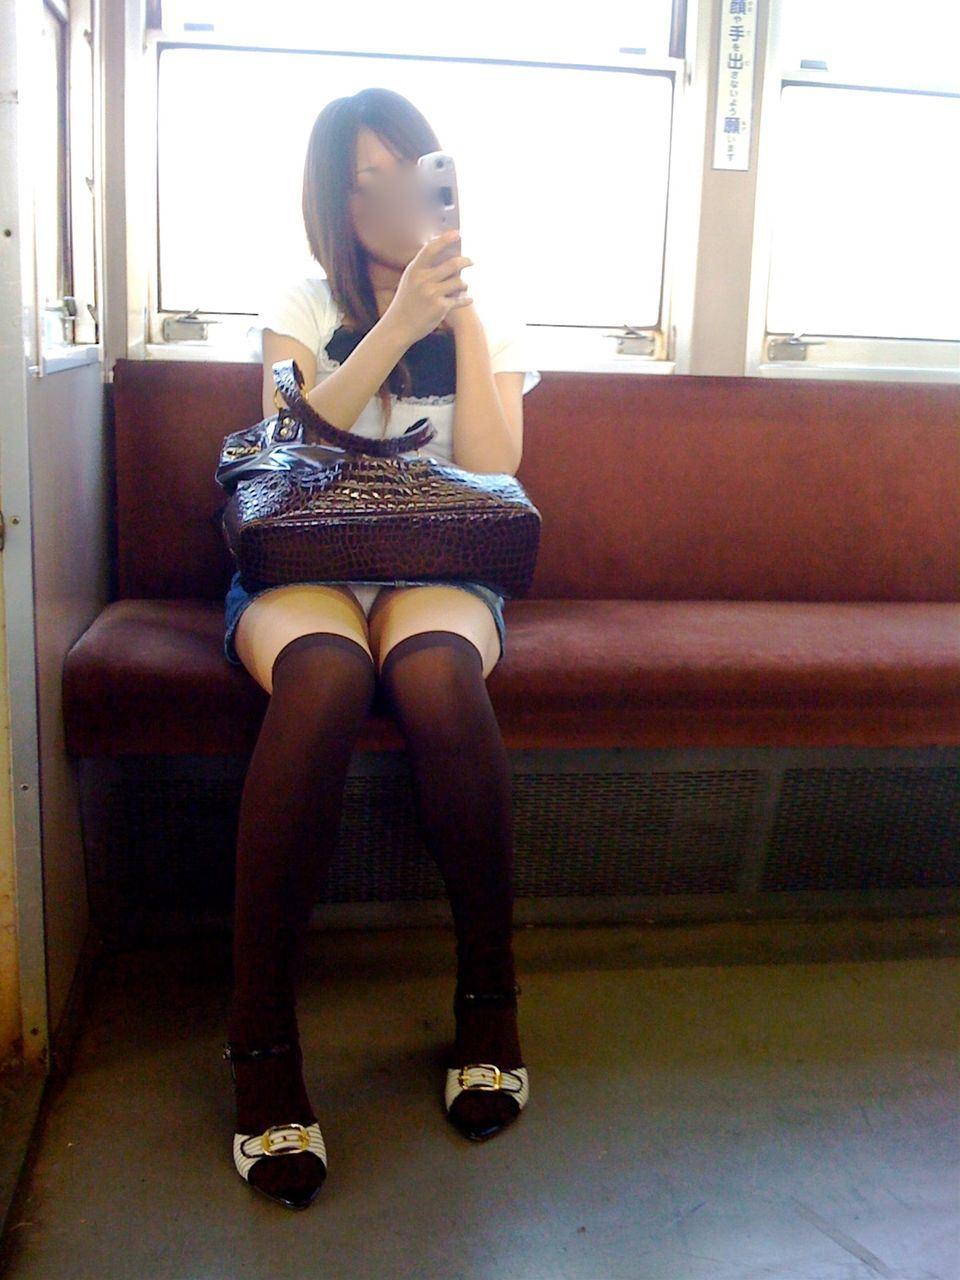 電車内の対面パンチラ画像 25